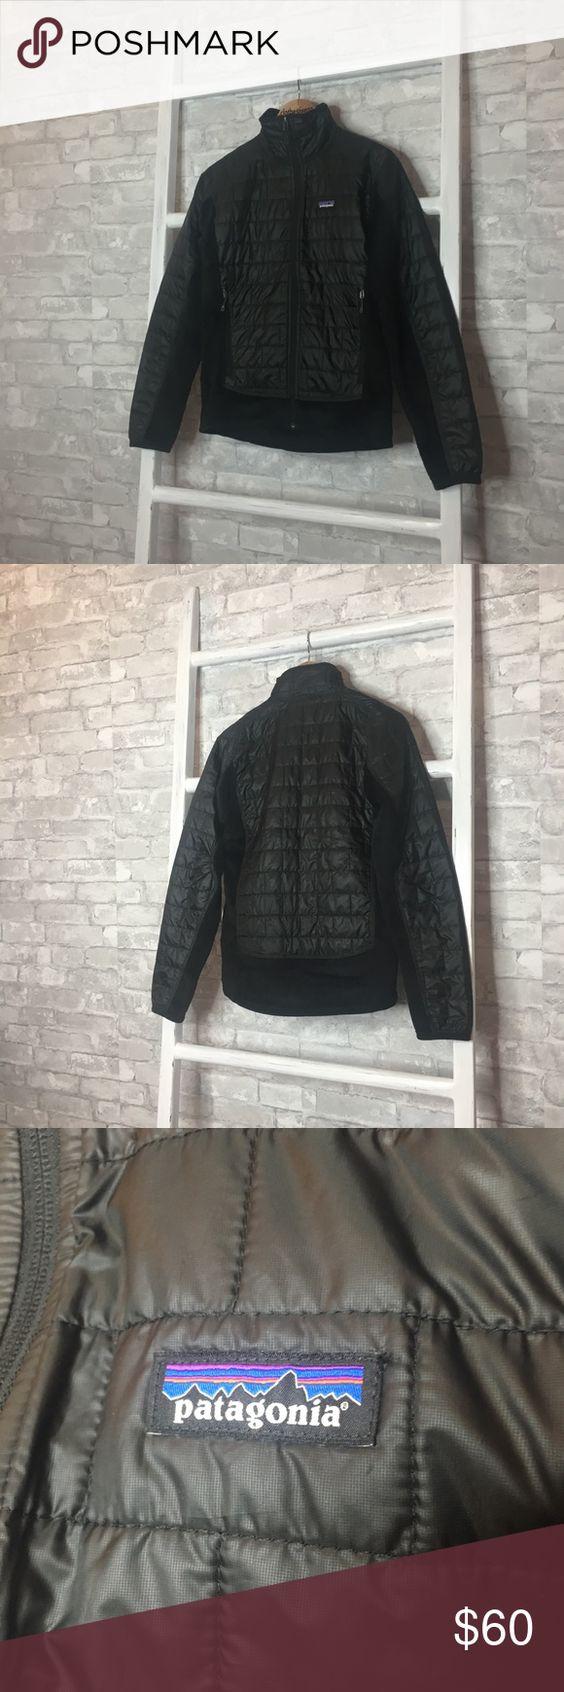 Patagonia Men S Puffer Jacket Fleece Paneling Xs Black Puffer Jacket Patagonia Mens Puffer Jackets [ 1692 x 564 Pixel ]